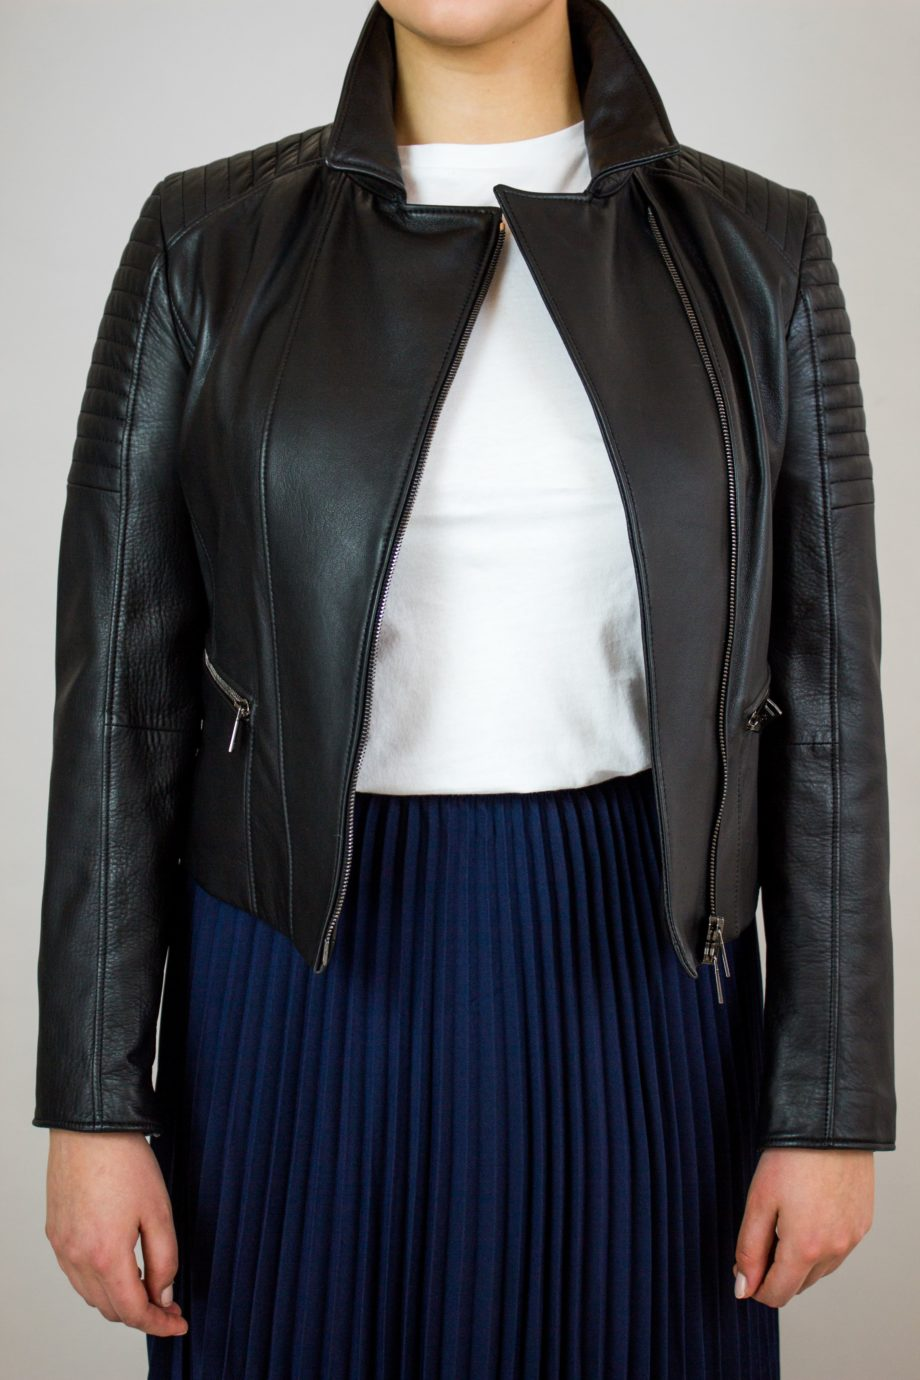 WERNER CHRIST Black biker jacket